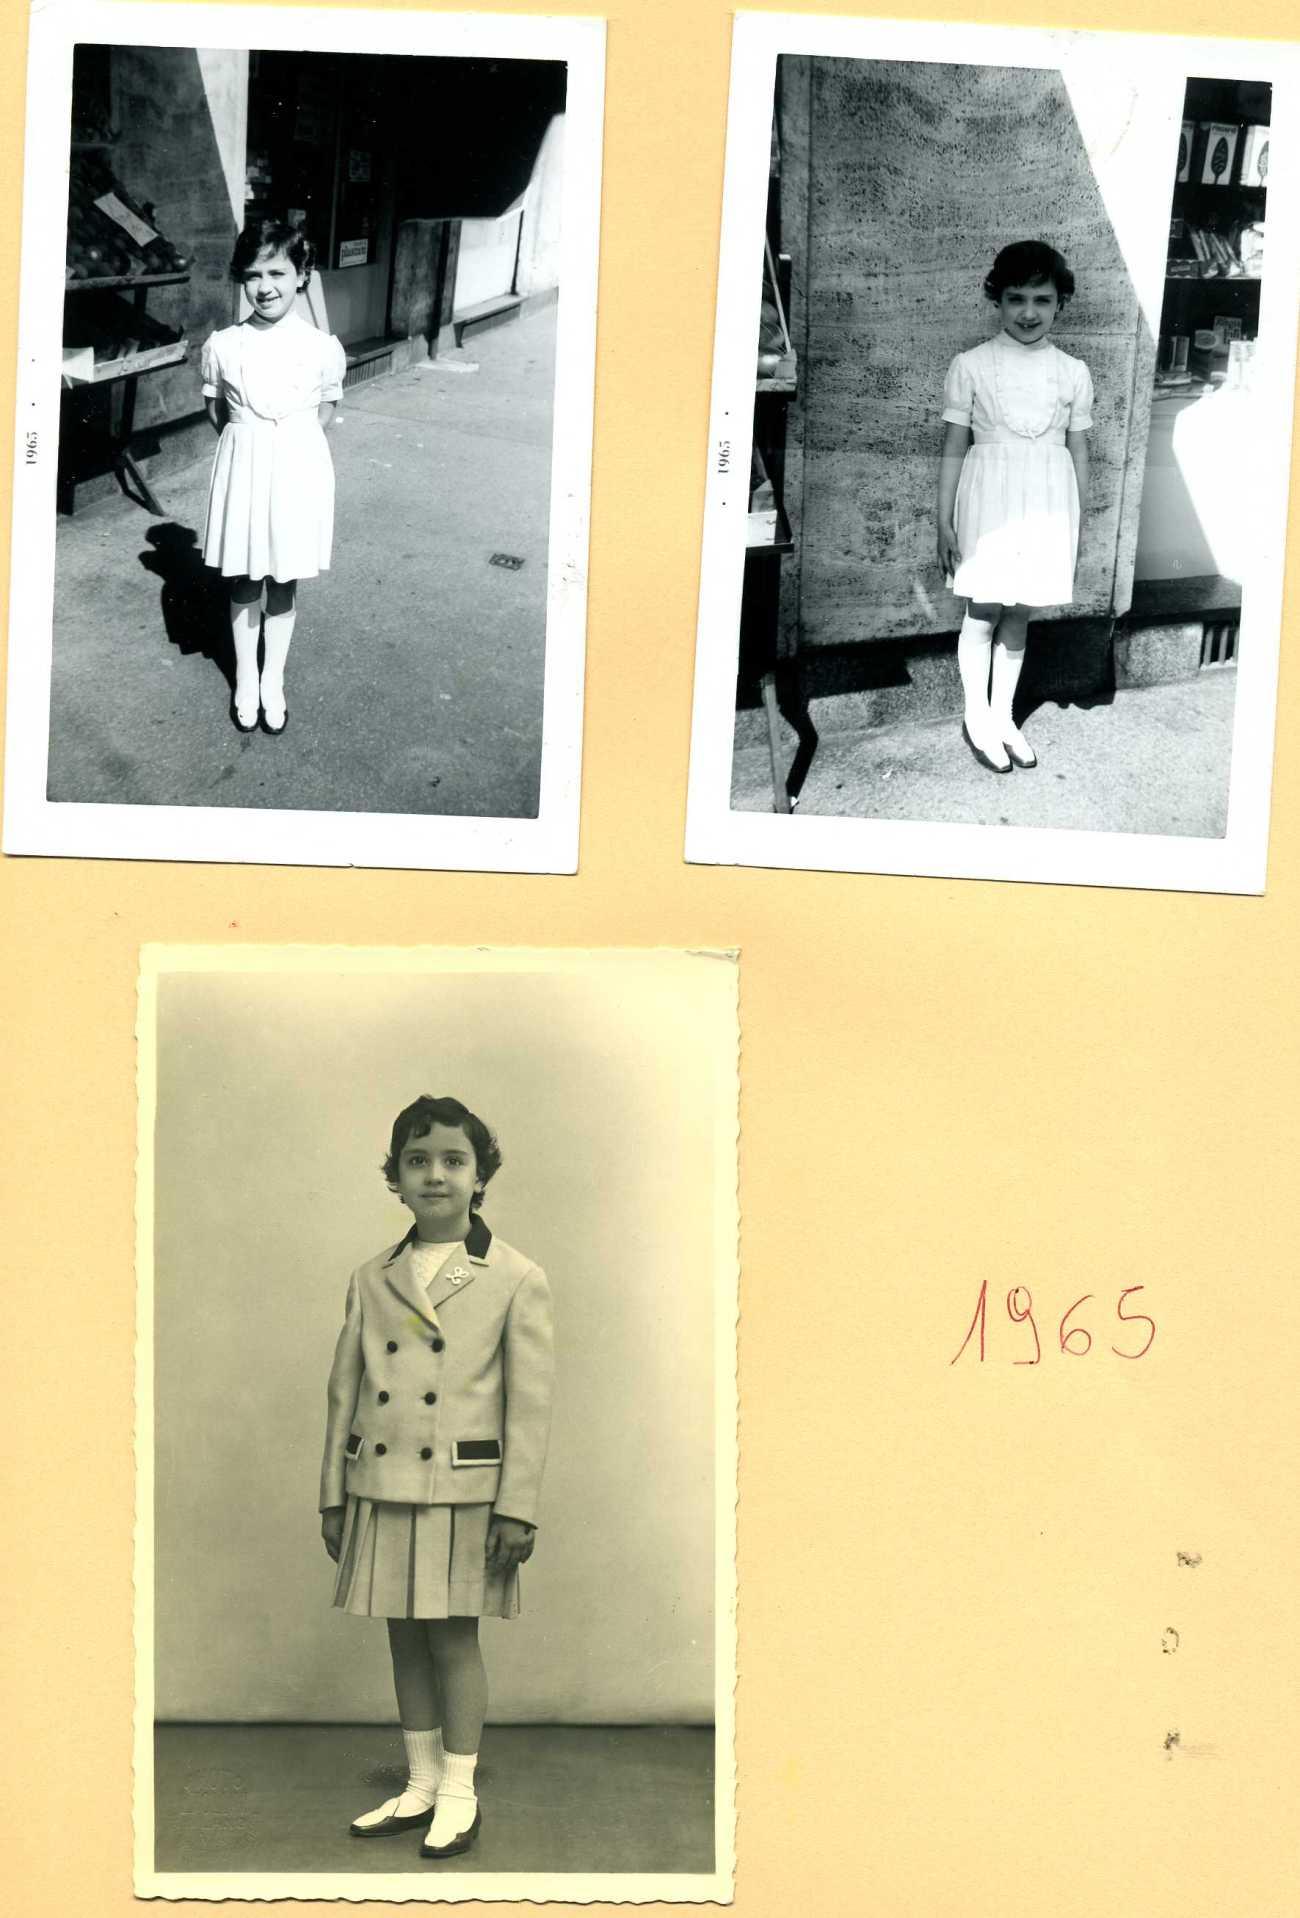 foto ricordi luciana1809